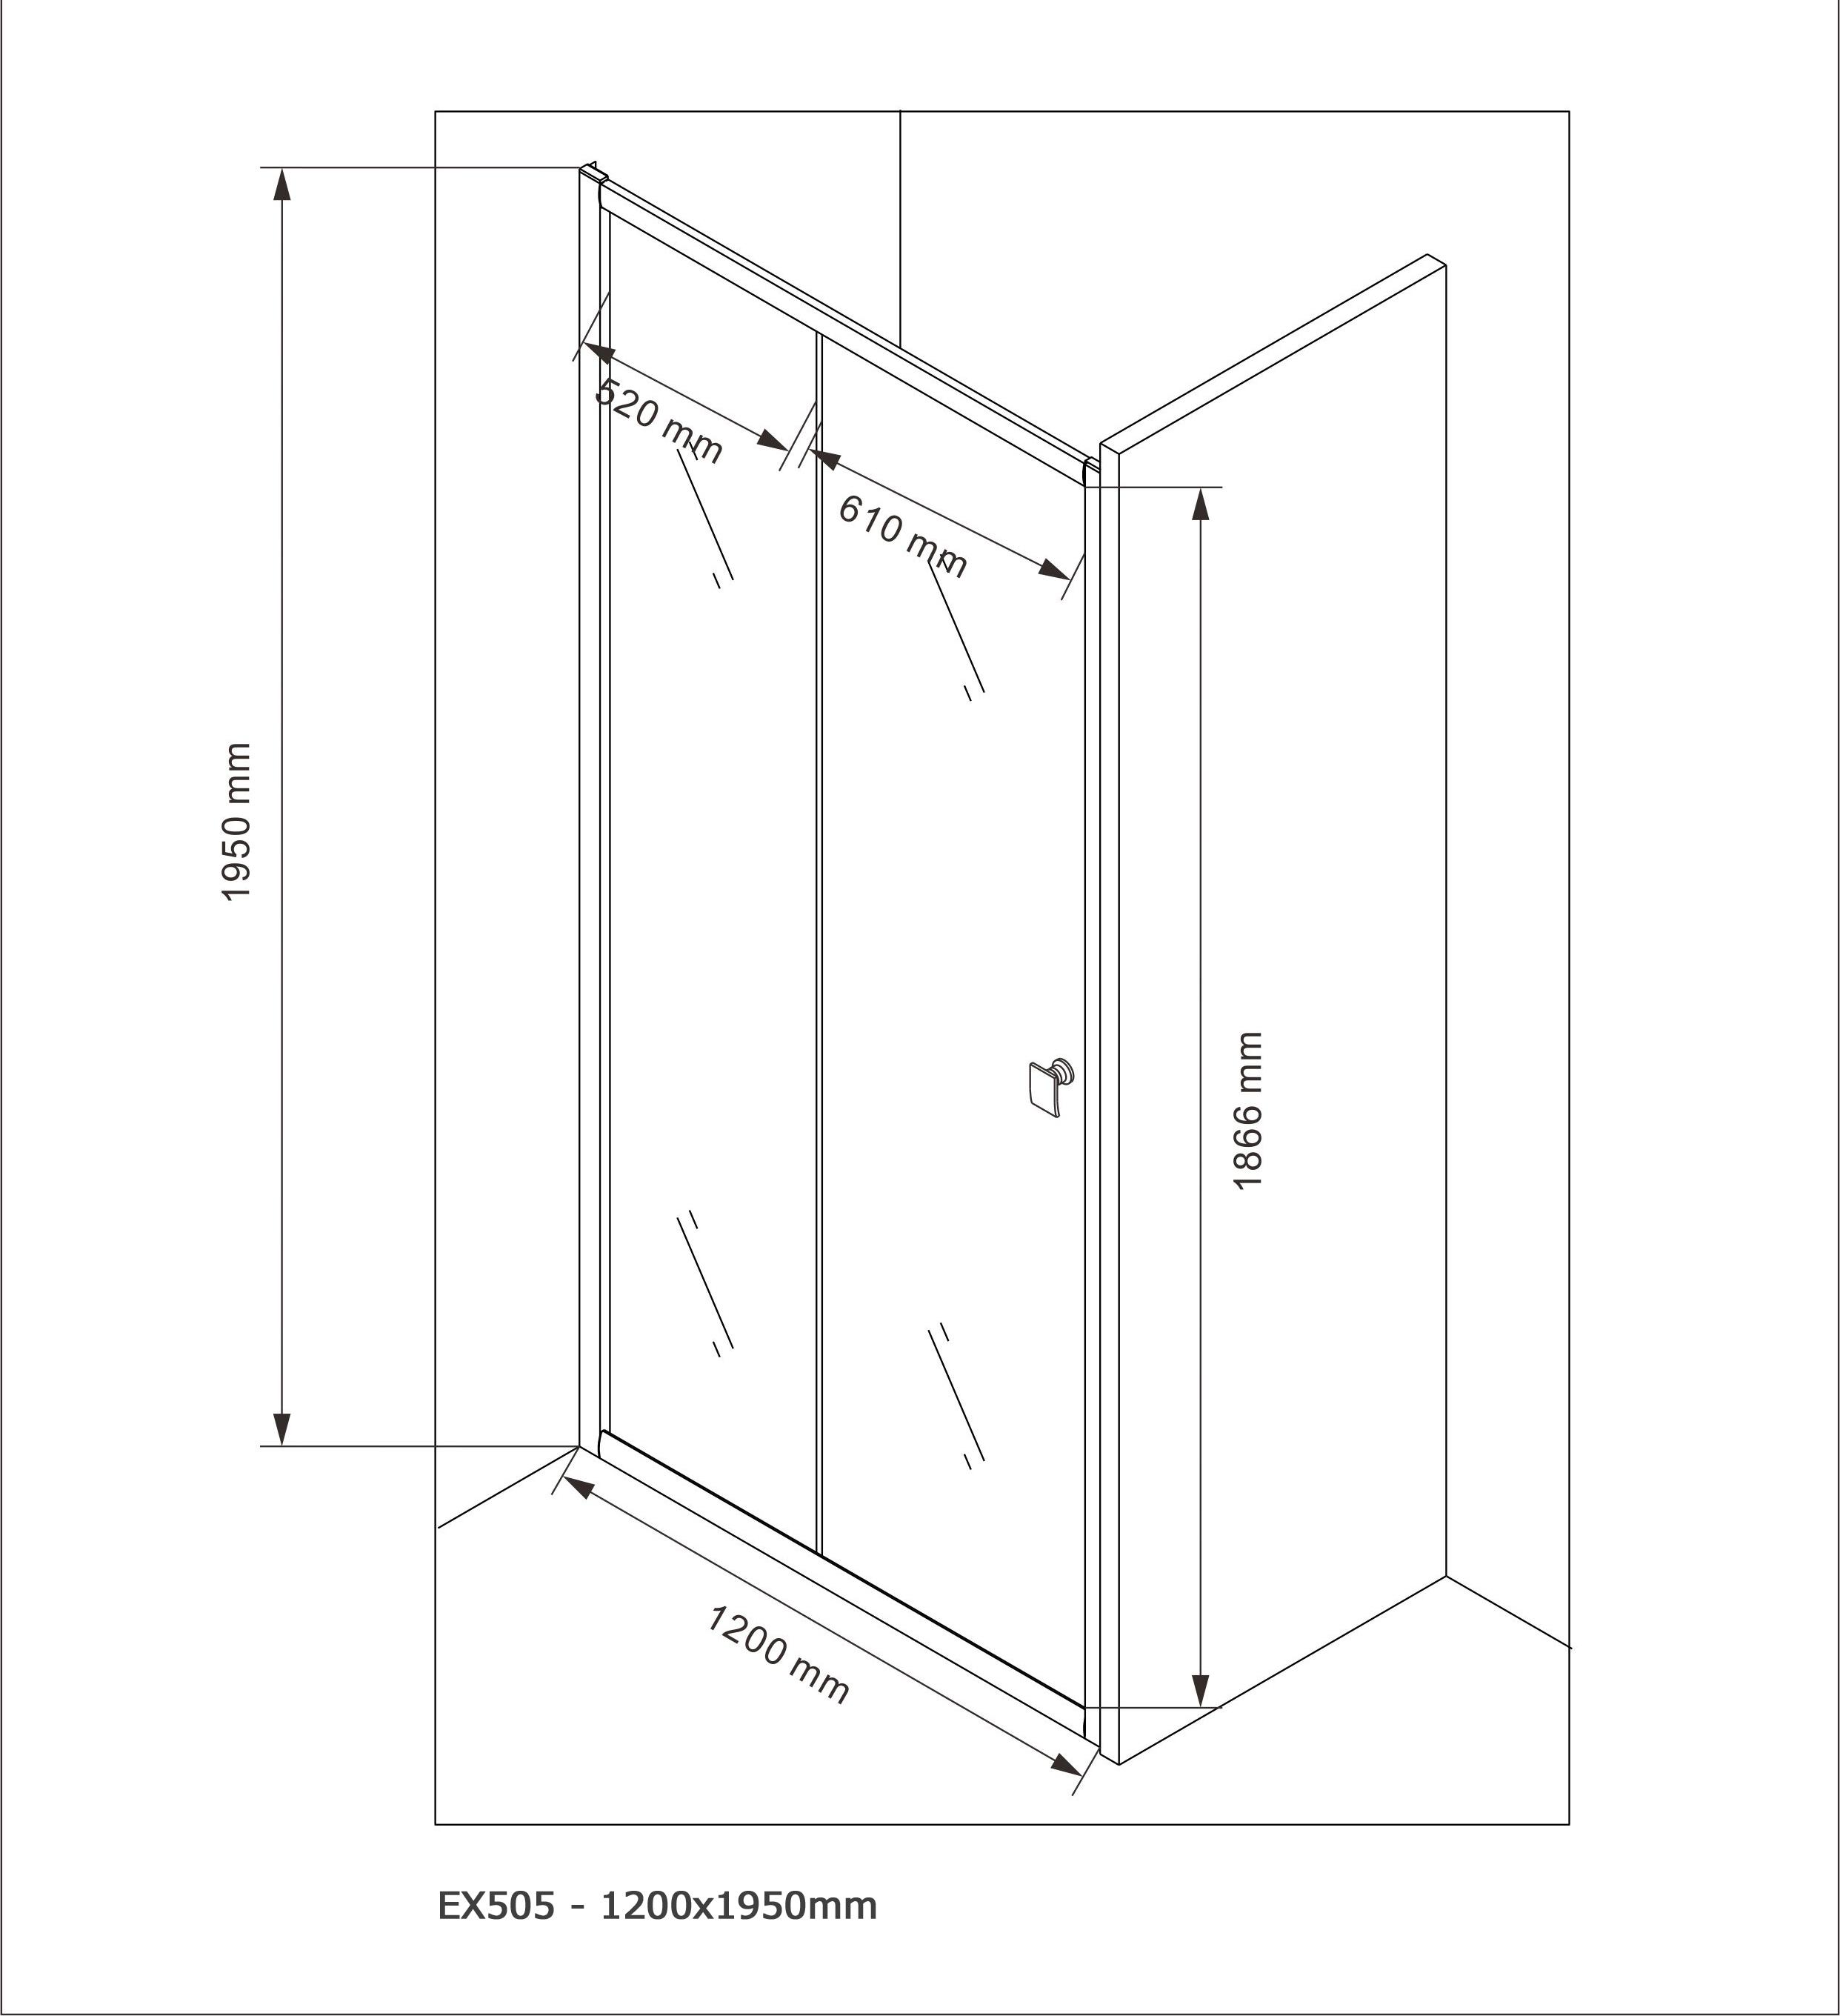 Door shower panel EX505 - 120x195cm - Drawing